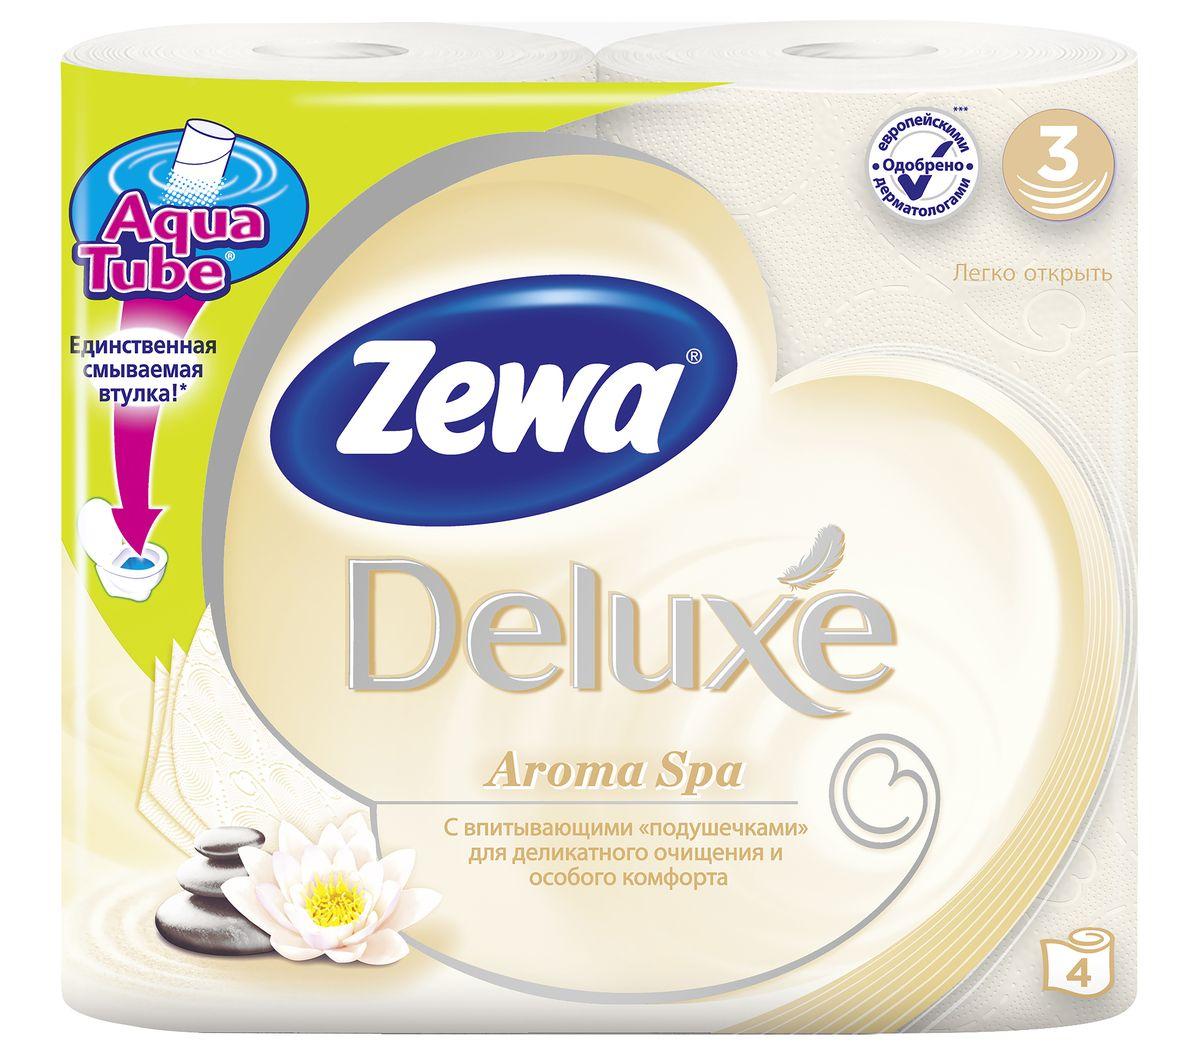 Туалетная бумага Zewa Deluxe АромаСпа, 3 слоя, 4 рулона010-01199-23Подарите себе удовольствие от ежедневного ухода за собой. Zewa Deluxe сновыми впитывающими подушечками деликатно очищает и нежно заботится о вашей коже.Мягкость, Забота, Комфорт – вашей коже это понравится!Сенсация! Со смываемой втулкой Aqua Tube!3-х слойная туалетная бумага цвета шампань с тонким ароматом ароматического масла4 рулона в упаковкеСостав: вторичное волокноПроизводство: Россия